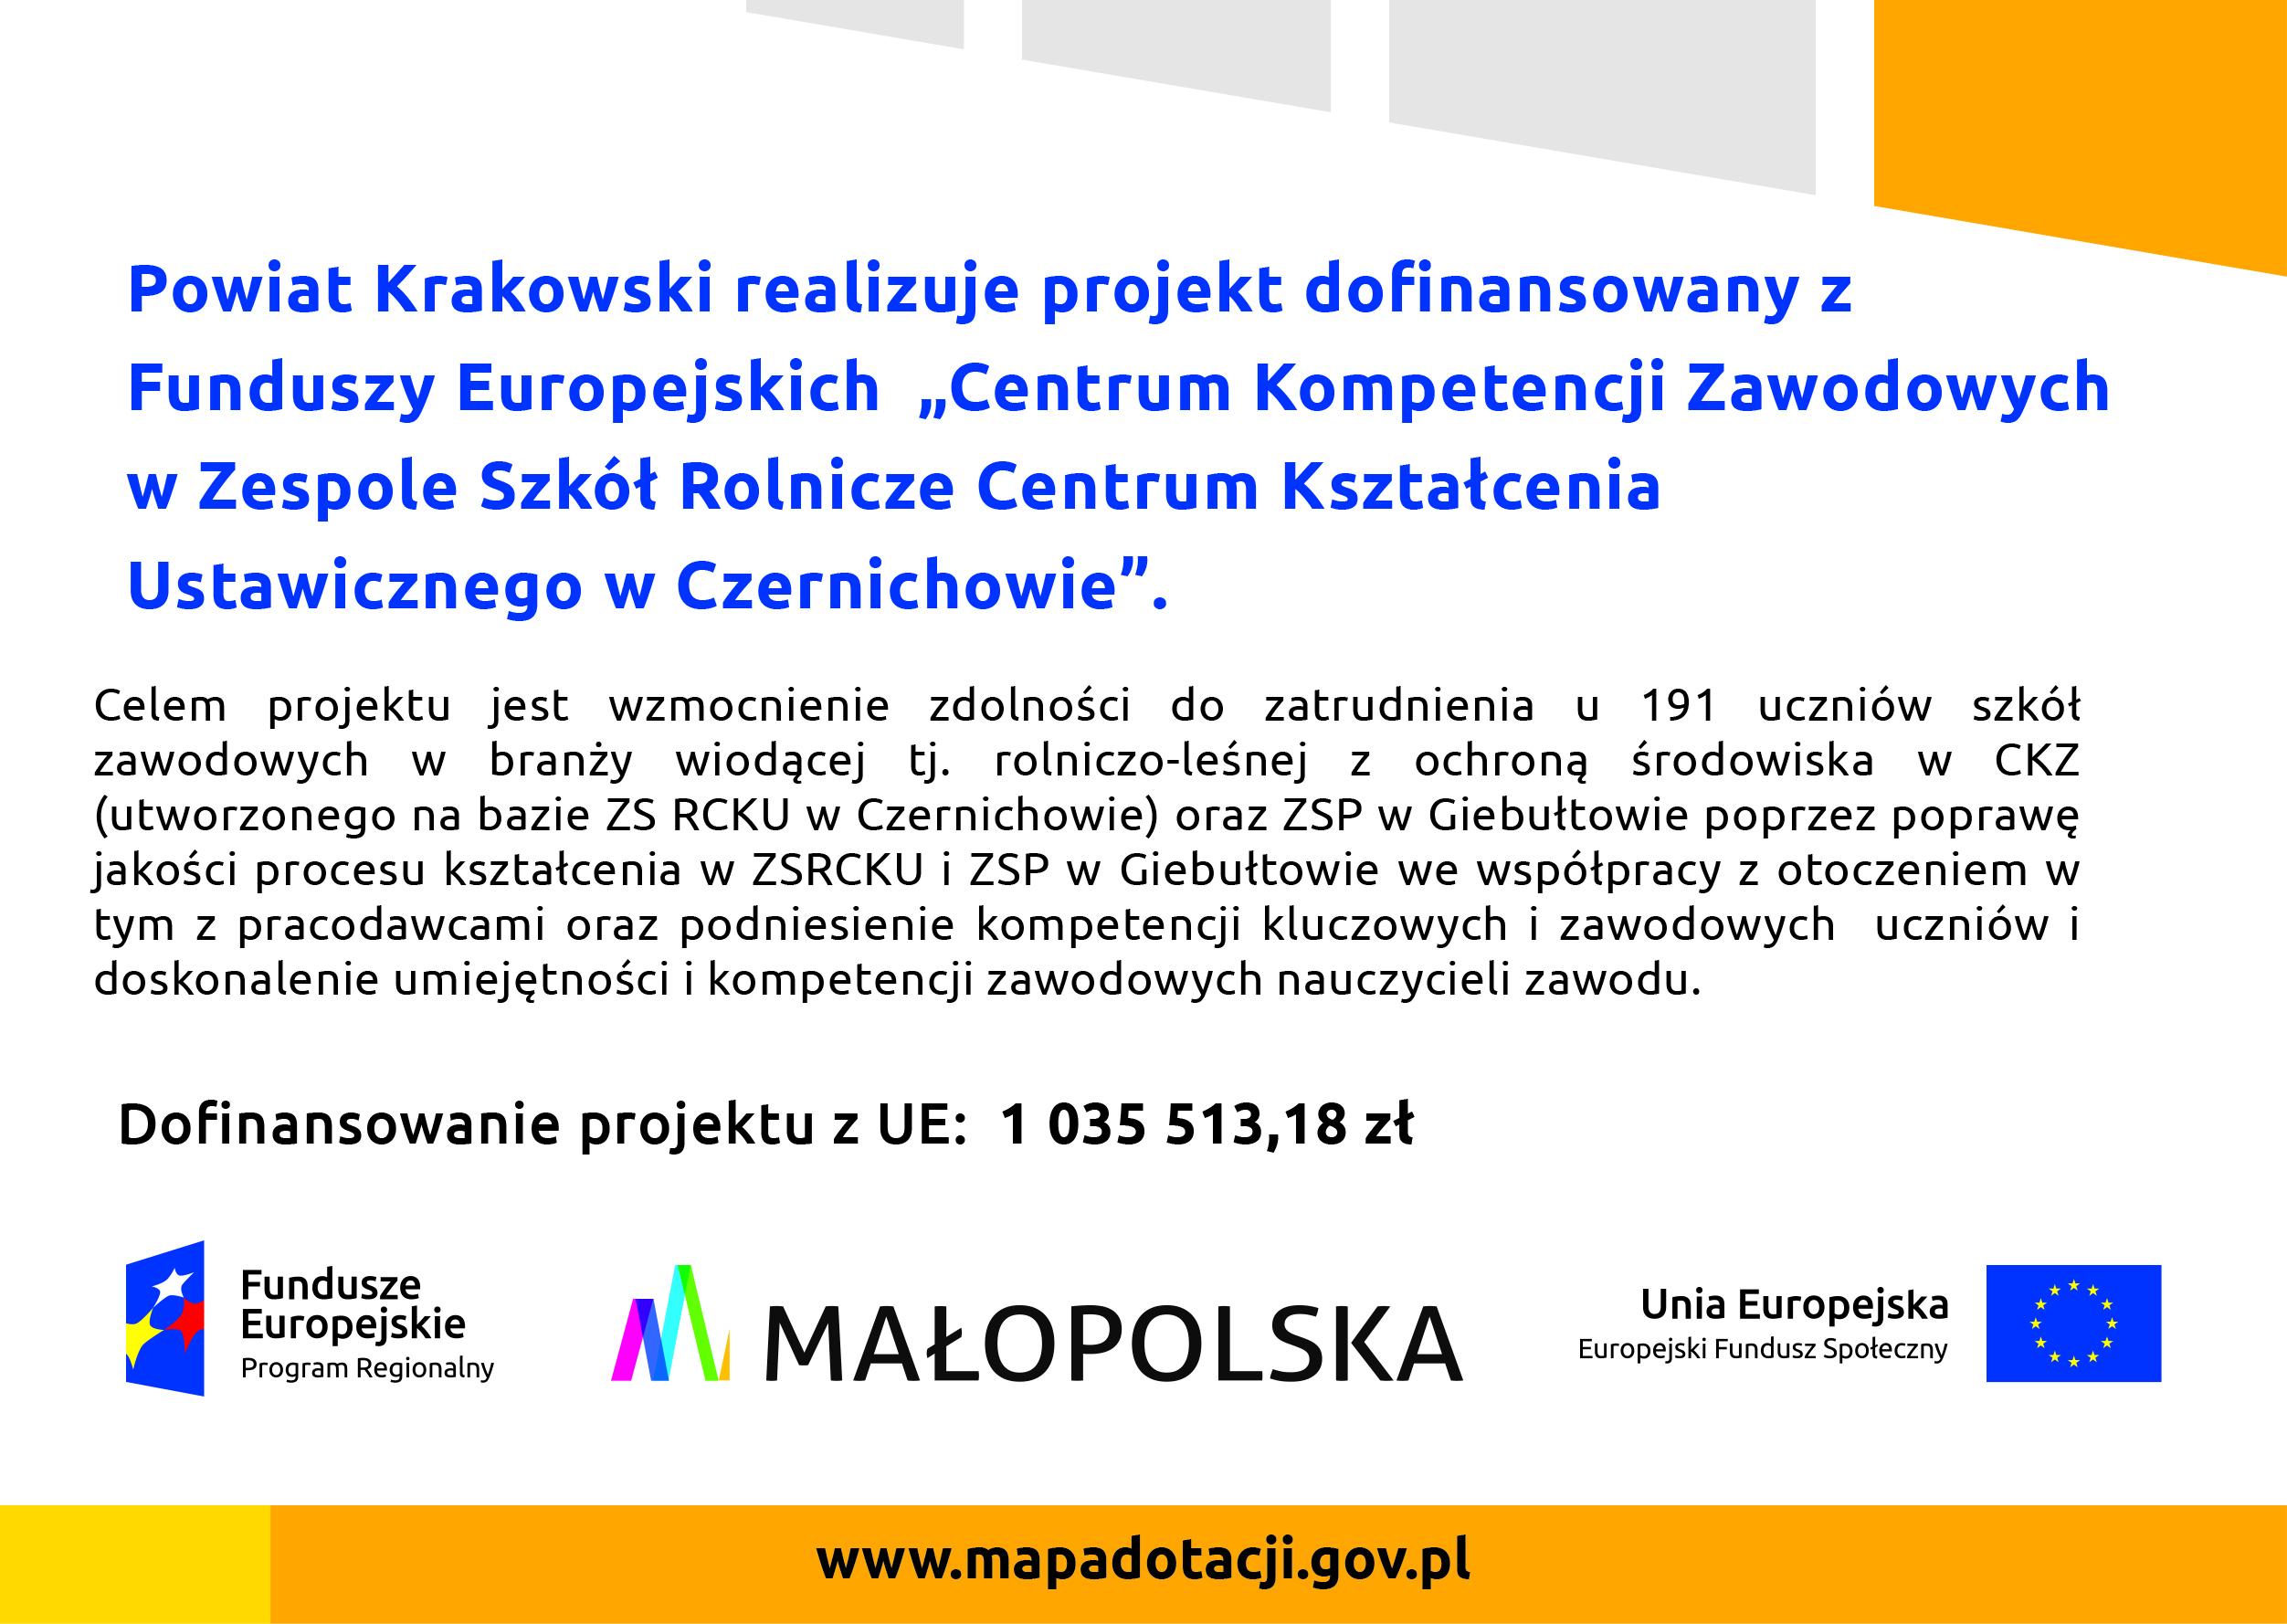 Plakat projektu Centrum Kompetencji Zawodowych w Zespole Szkół Rolnicze Centrum Kształcenia Ustawicznego w Czernichowie